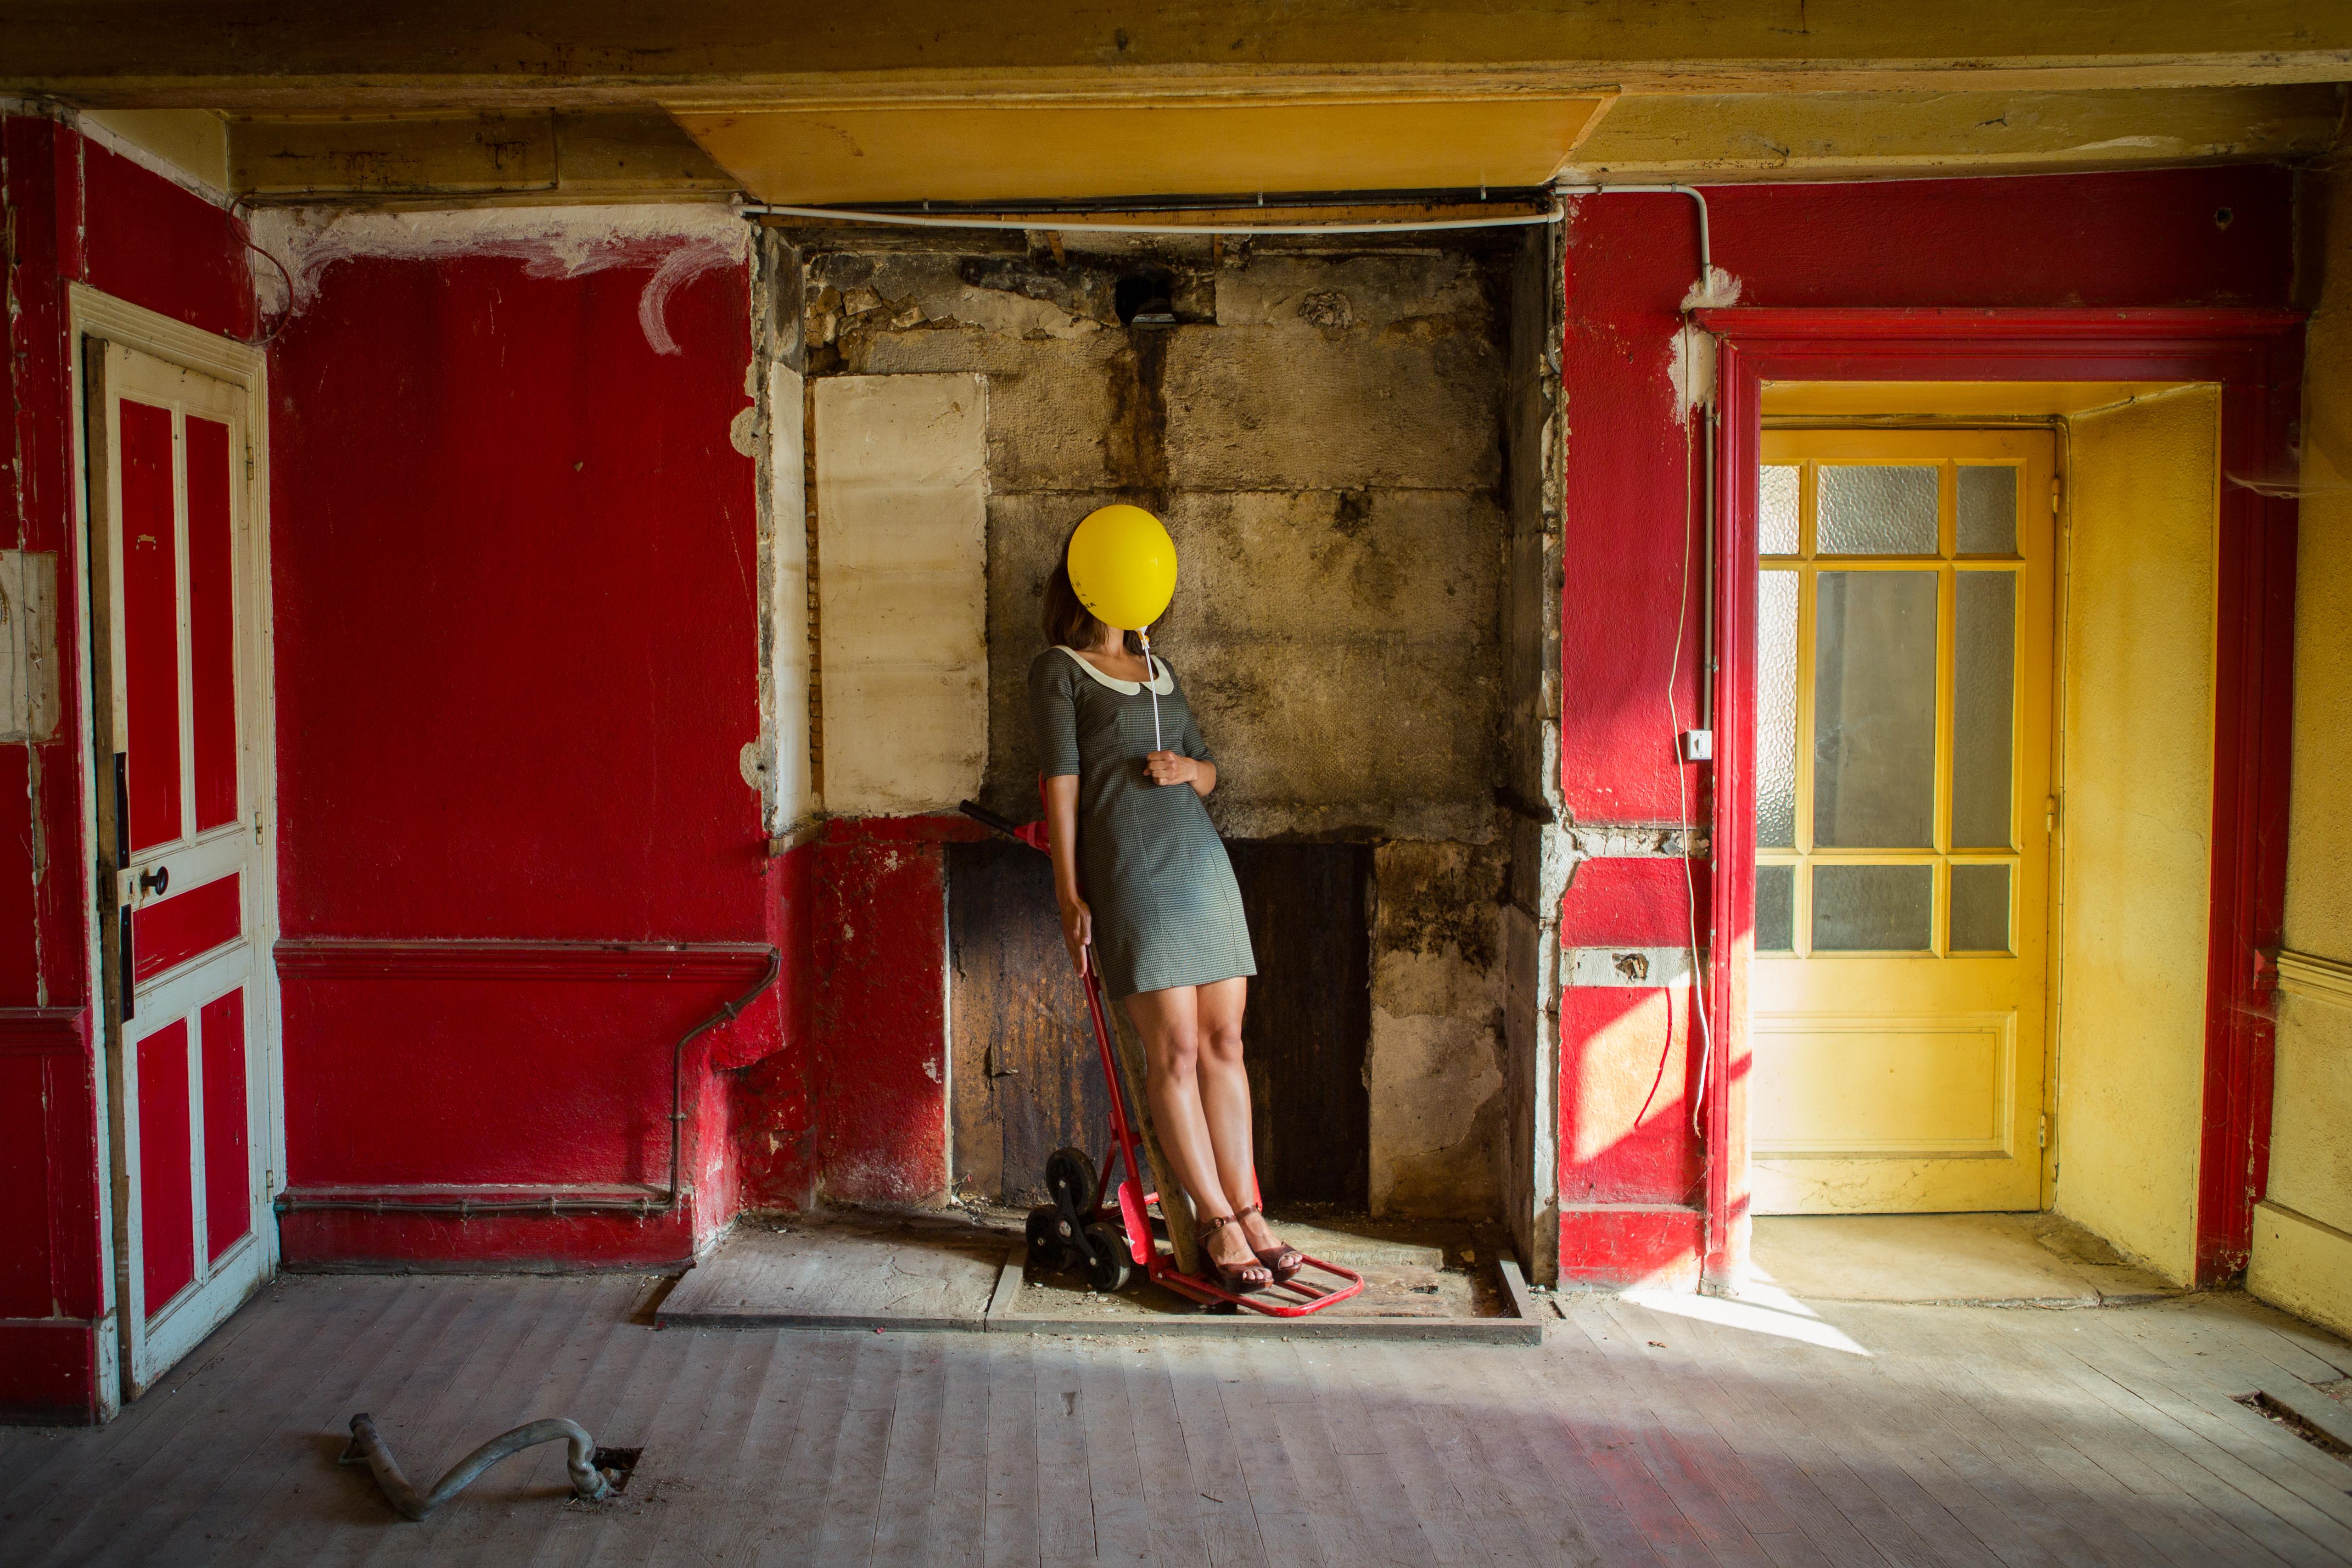 Le myst¨re de la chambre jaune • Roxanne Gauthier • graphe